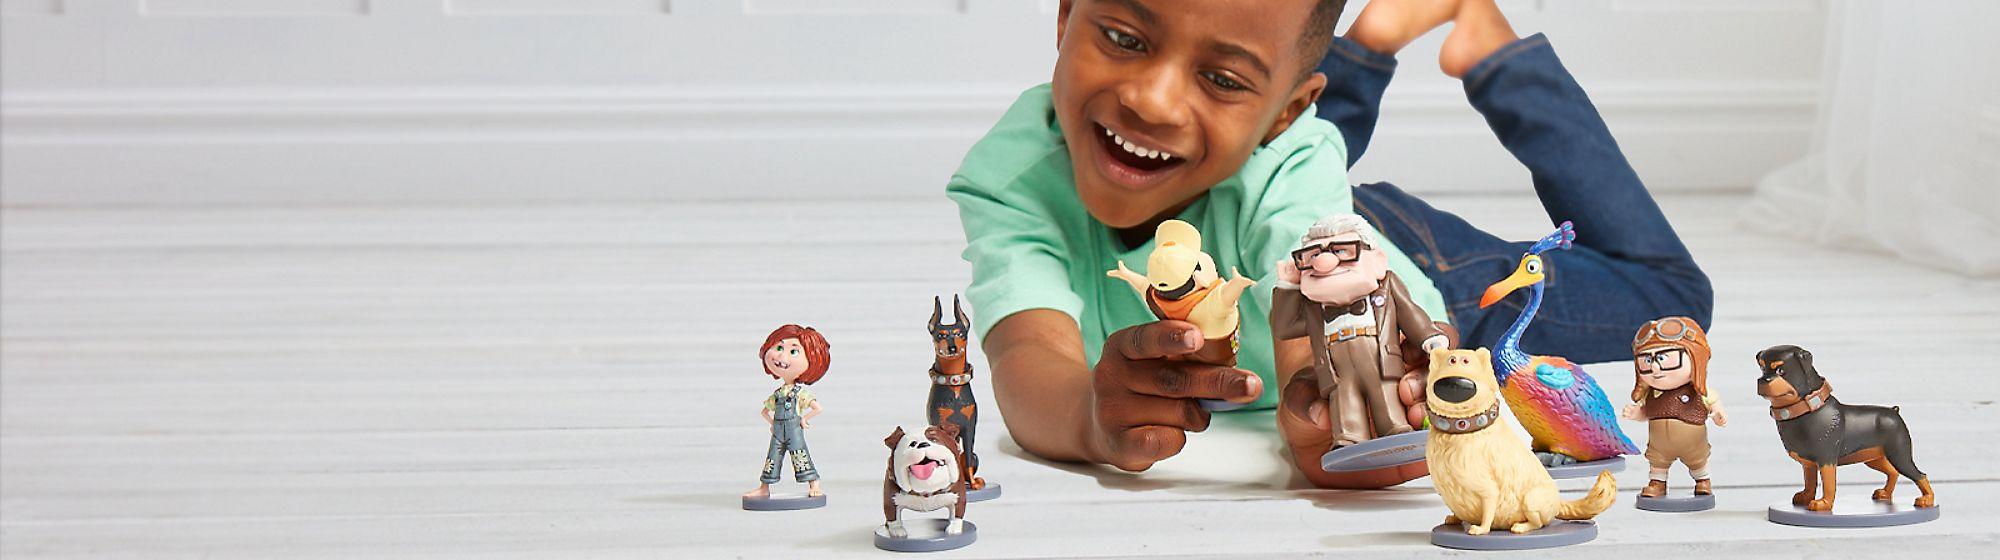 Figurines et Univers Avec les figurines à l'effigie de vos personnages  favoris, plongez dans l'univers de Spider-Man, de Cars ou des Princesses Disney.